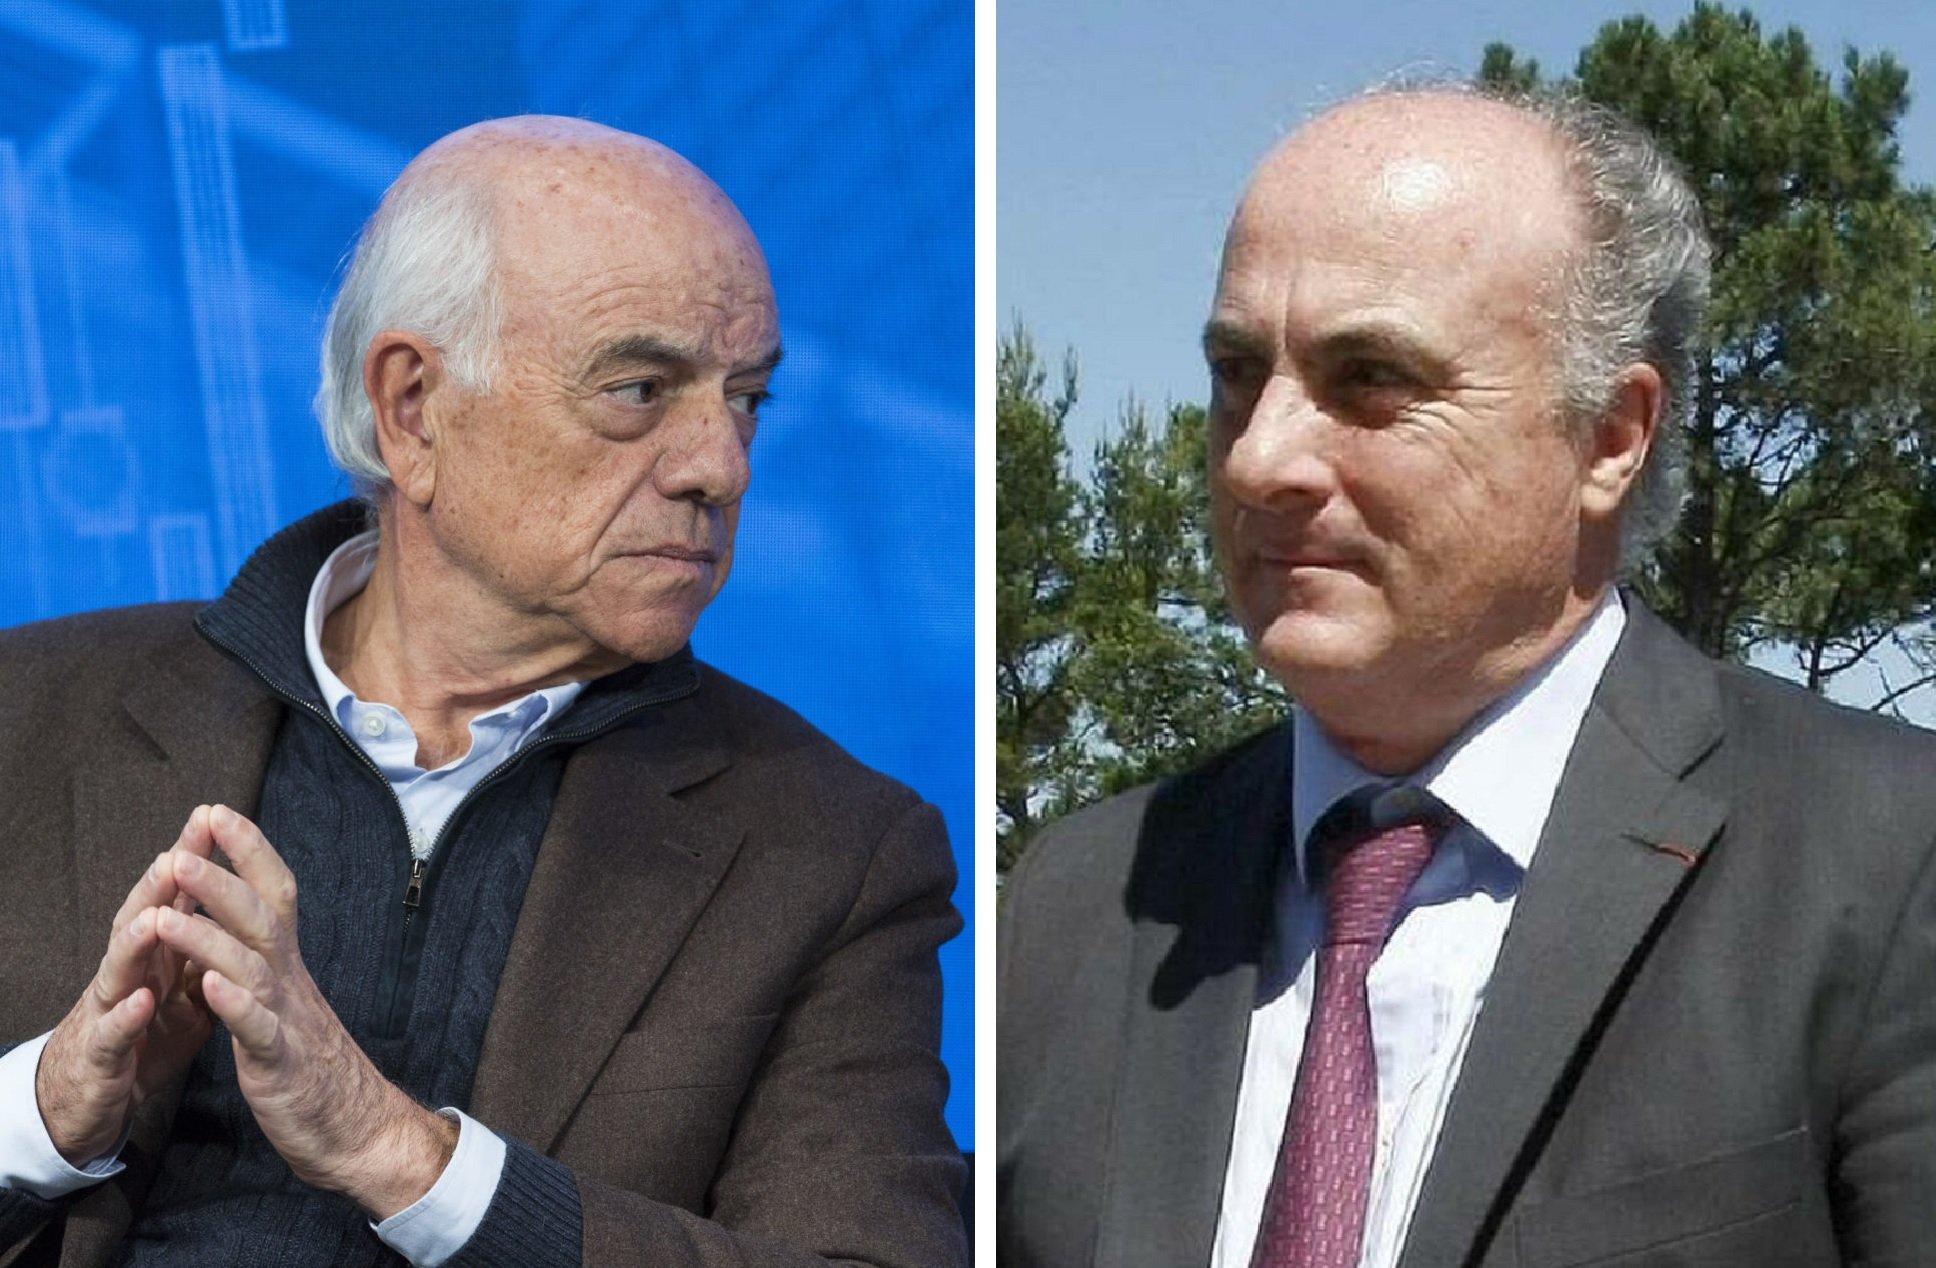 El juez Manuel García-Castellón (derecha) prepara el archivo del caso FG-Villarejo